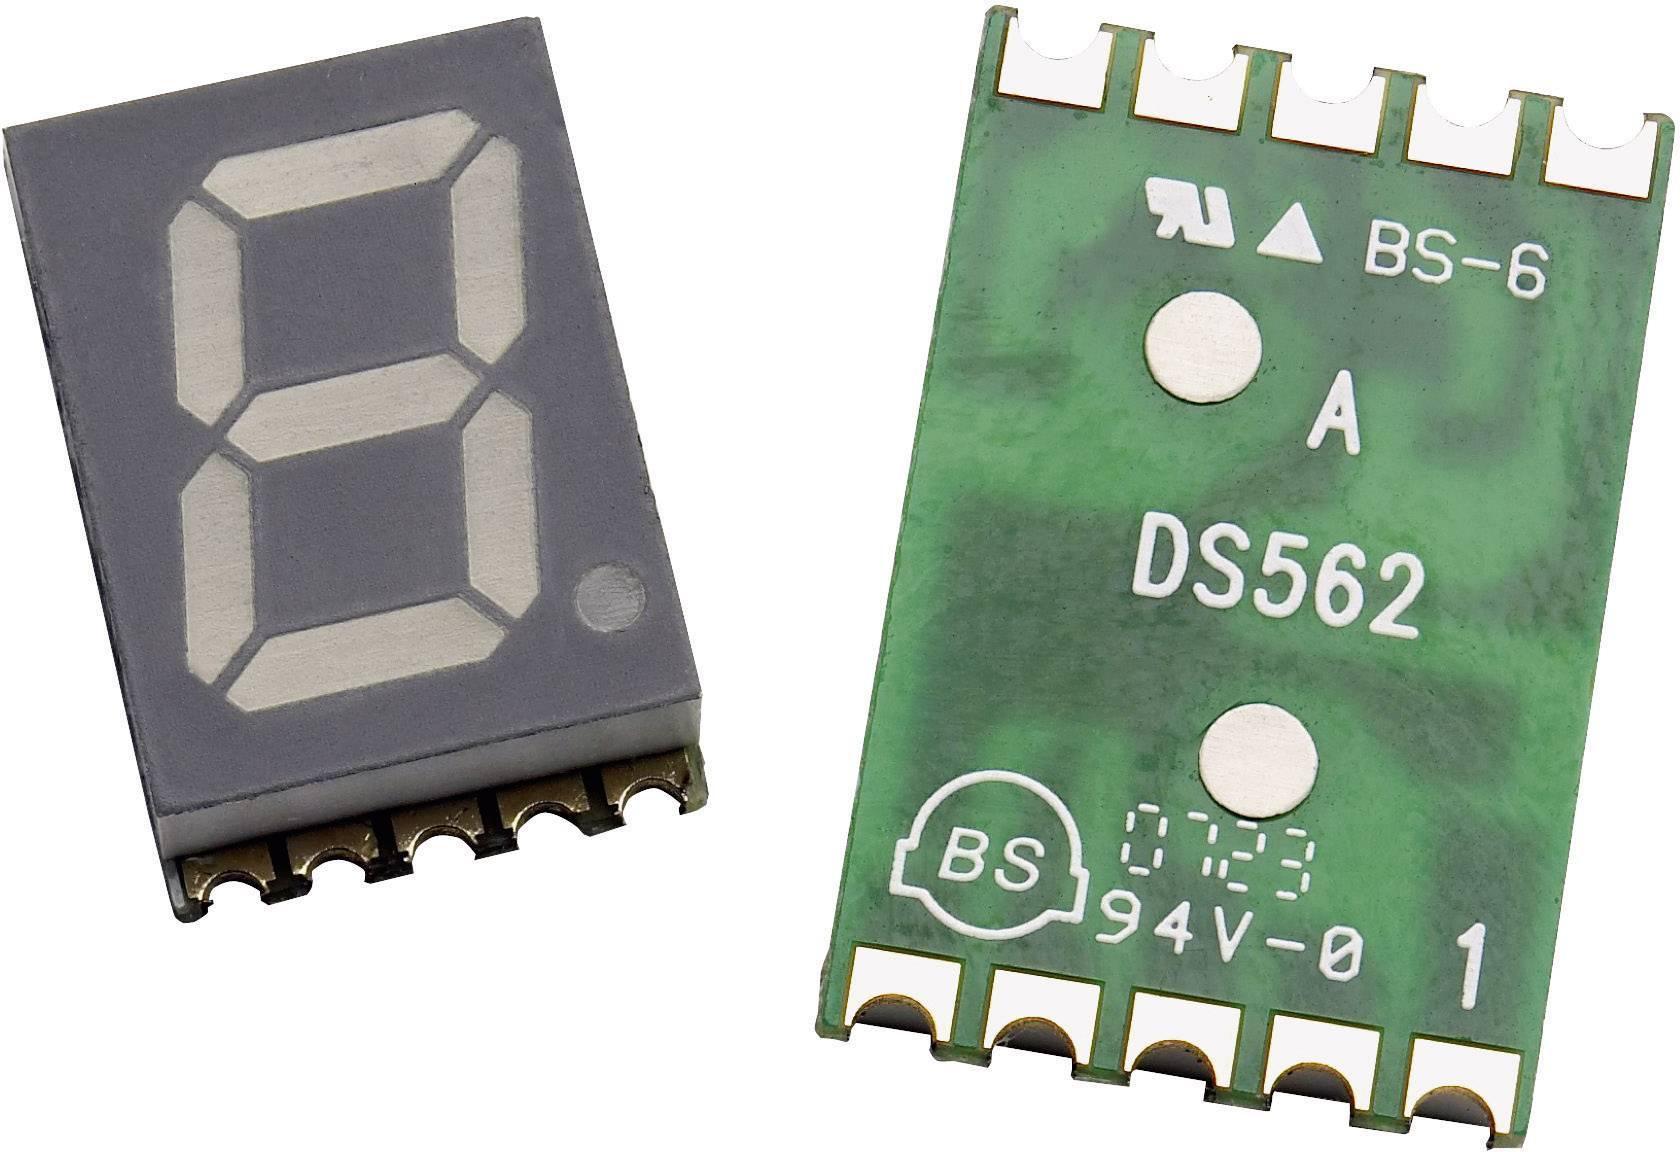 7-segmentový displej Broadcom HDSM-531F, číslic 1, 14.22 mm, 2.1 V, žltá